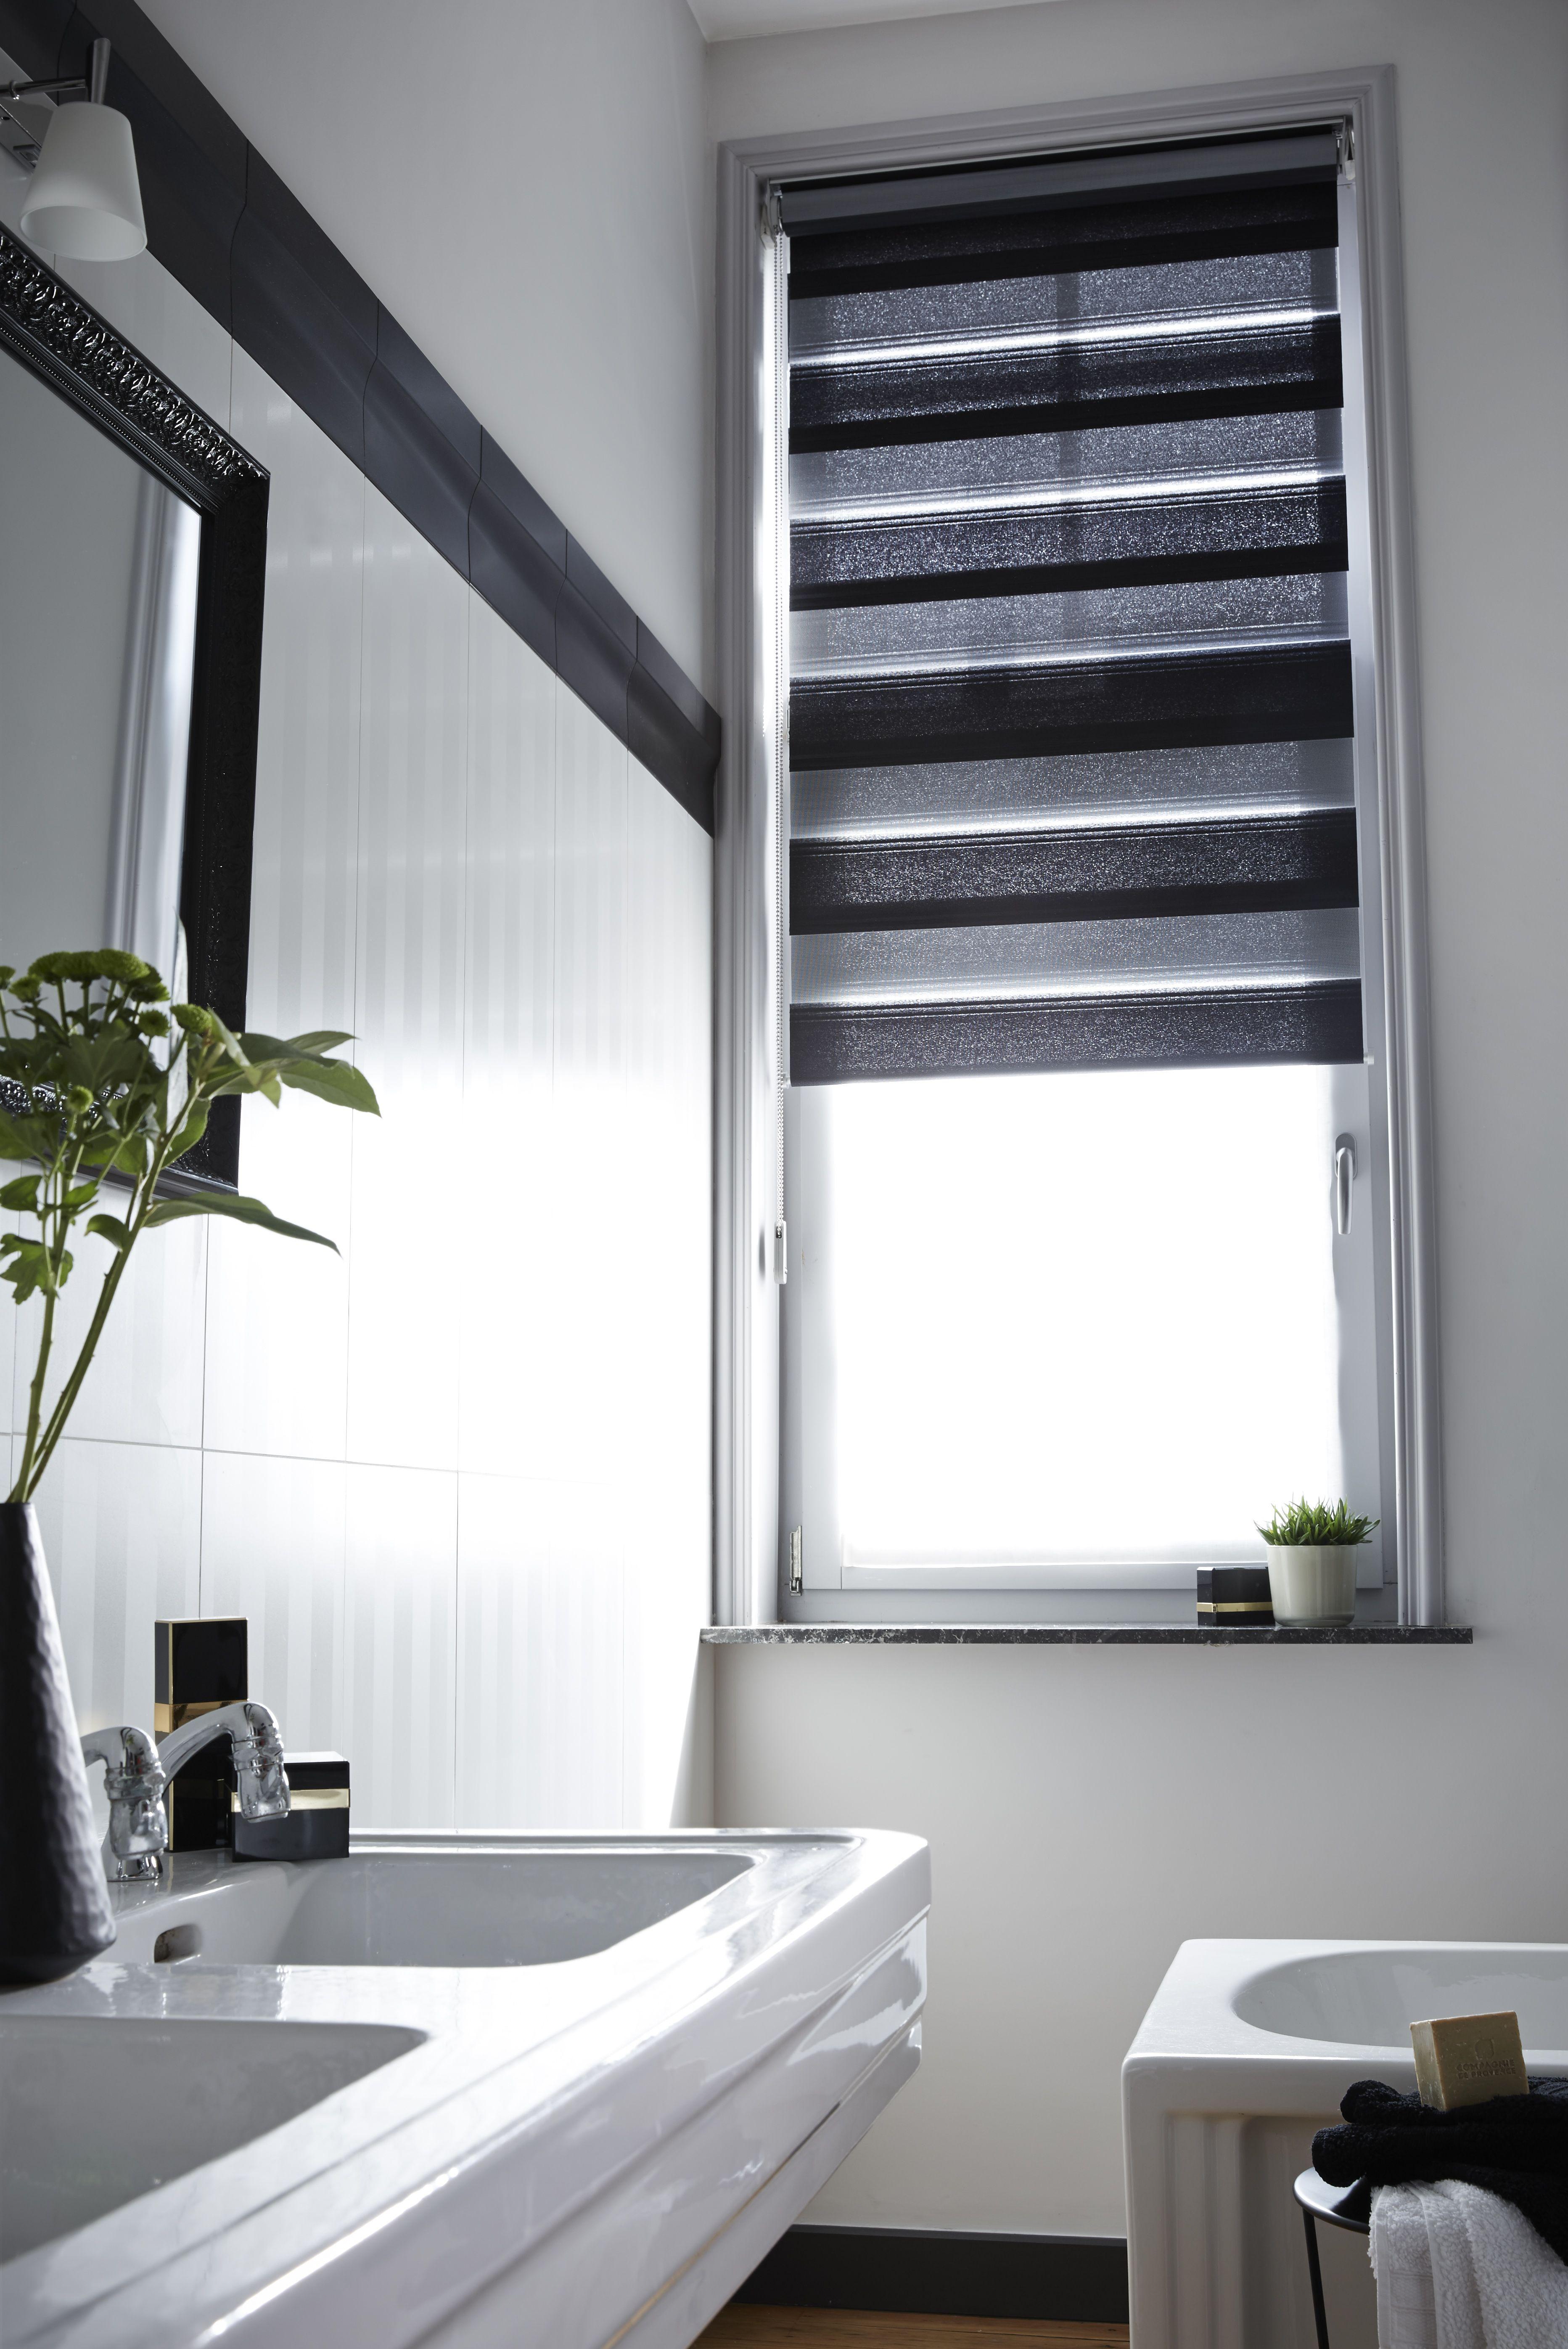 Chez vous en 2019 black white design contemporary rideaux heytens toile fenetre et - Fenetre salle de bain ...